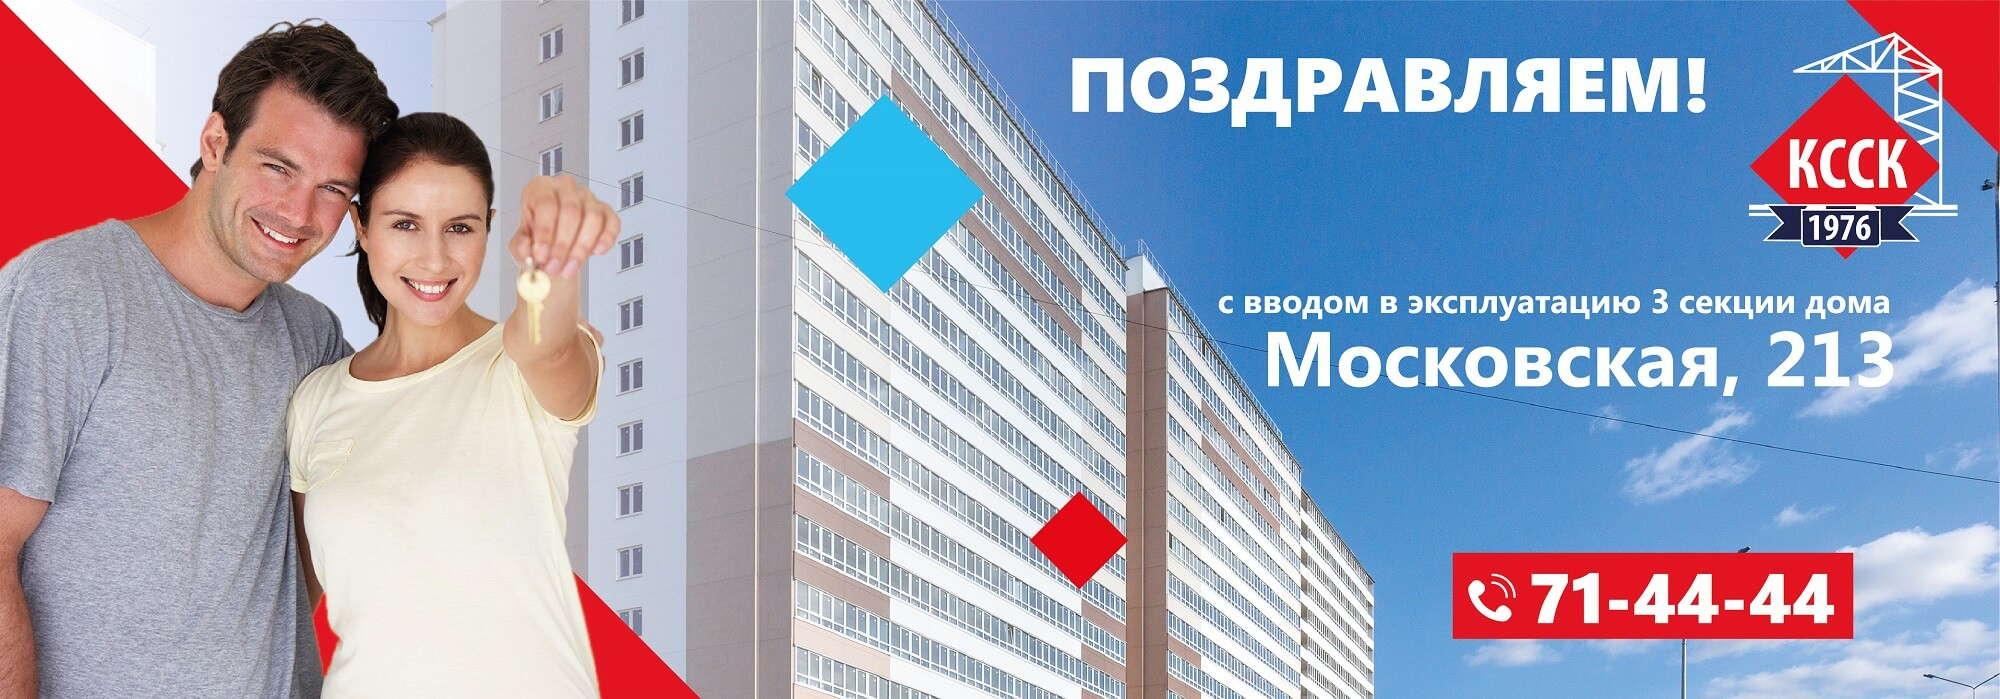 Московская, 213